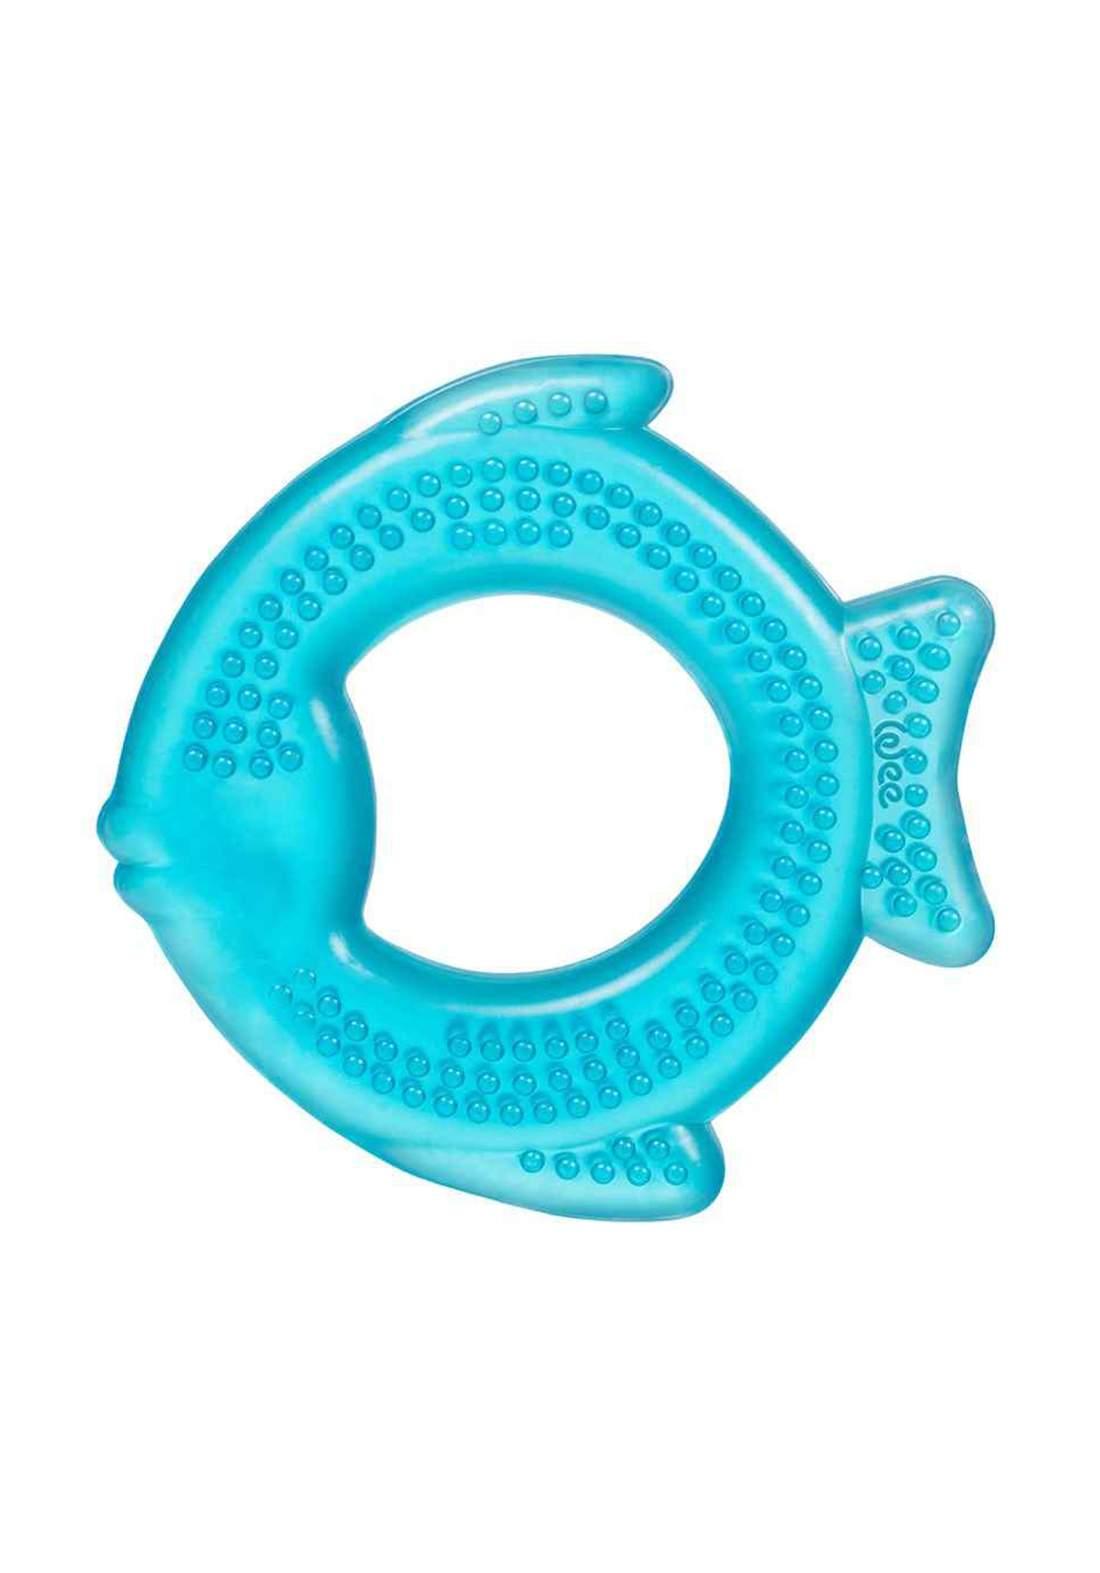 Wee Baby 859 Water Teether Fish Shape Blue عضاضة اطفال مائية